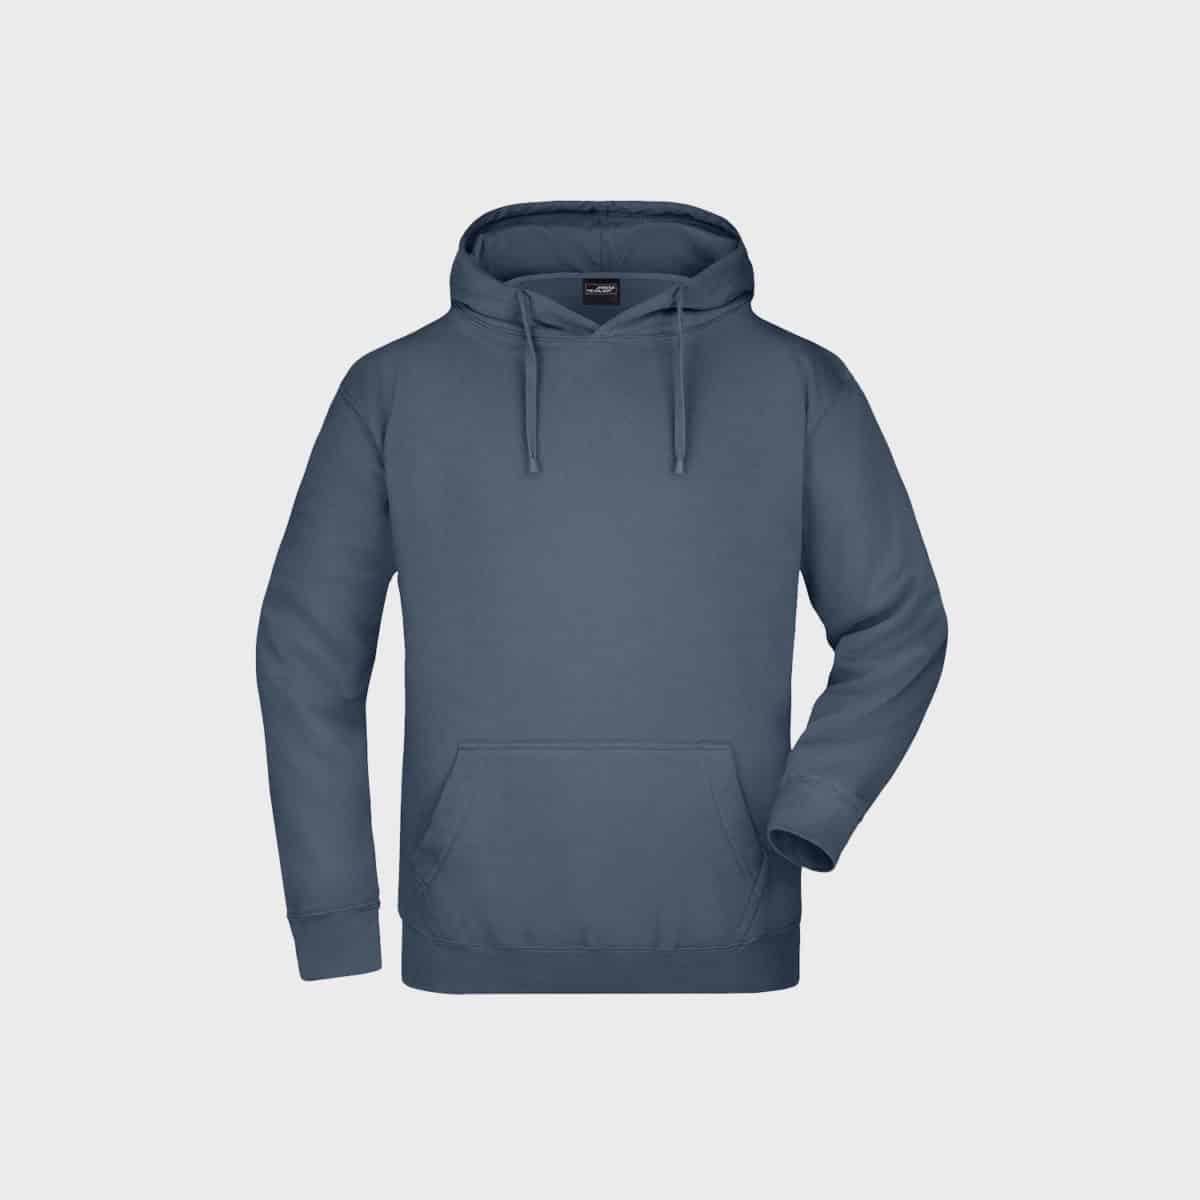 hoodie-herren-carbon-kaufen-besticken_stickmanufaktur